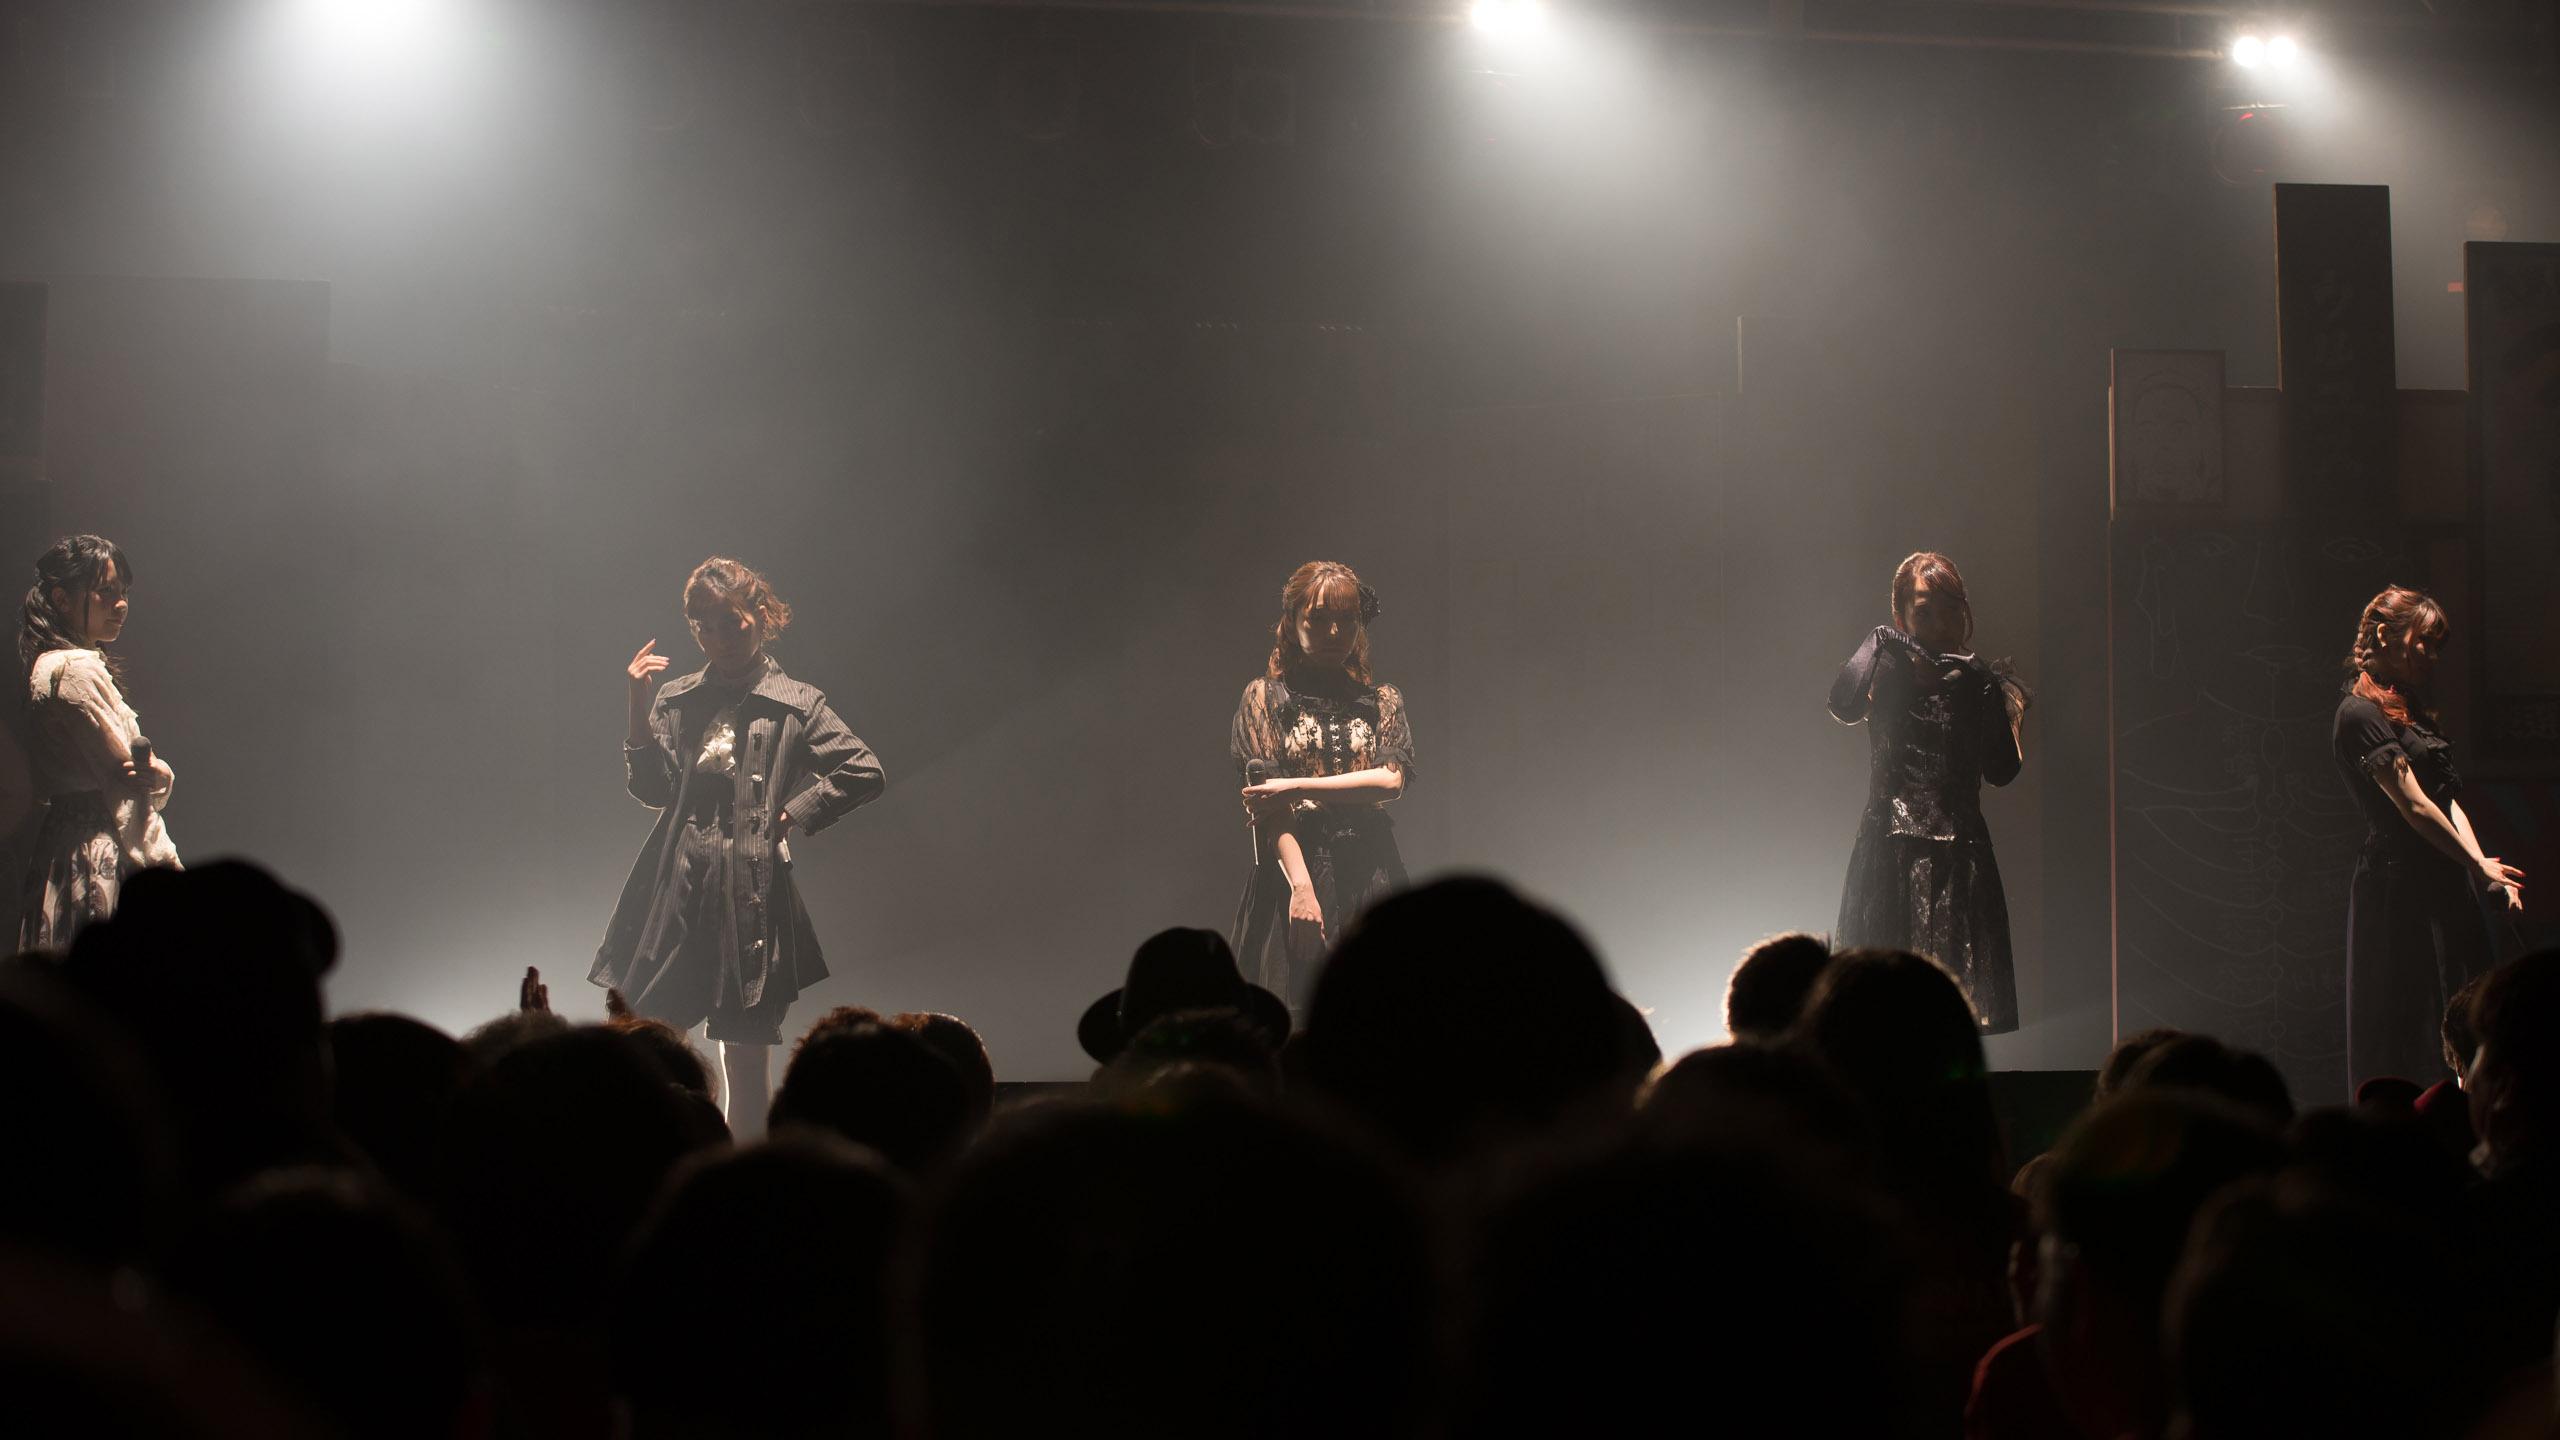 衣装かわいいし新曲めっちゃいいしスタマリ最高!STARMARIEのワンマンライブ「FANTASY CIRCUS」に行ってきた!